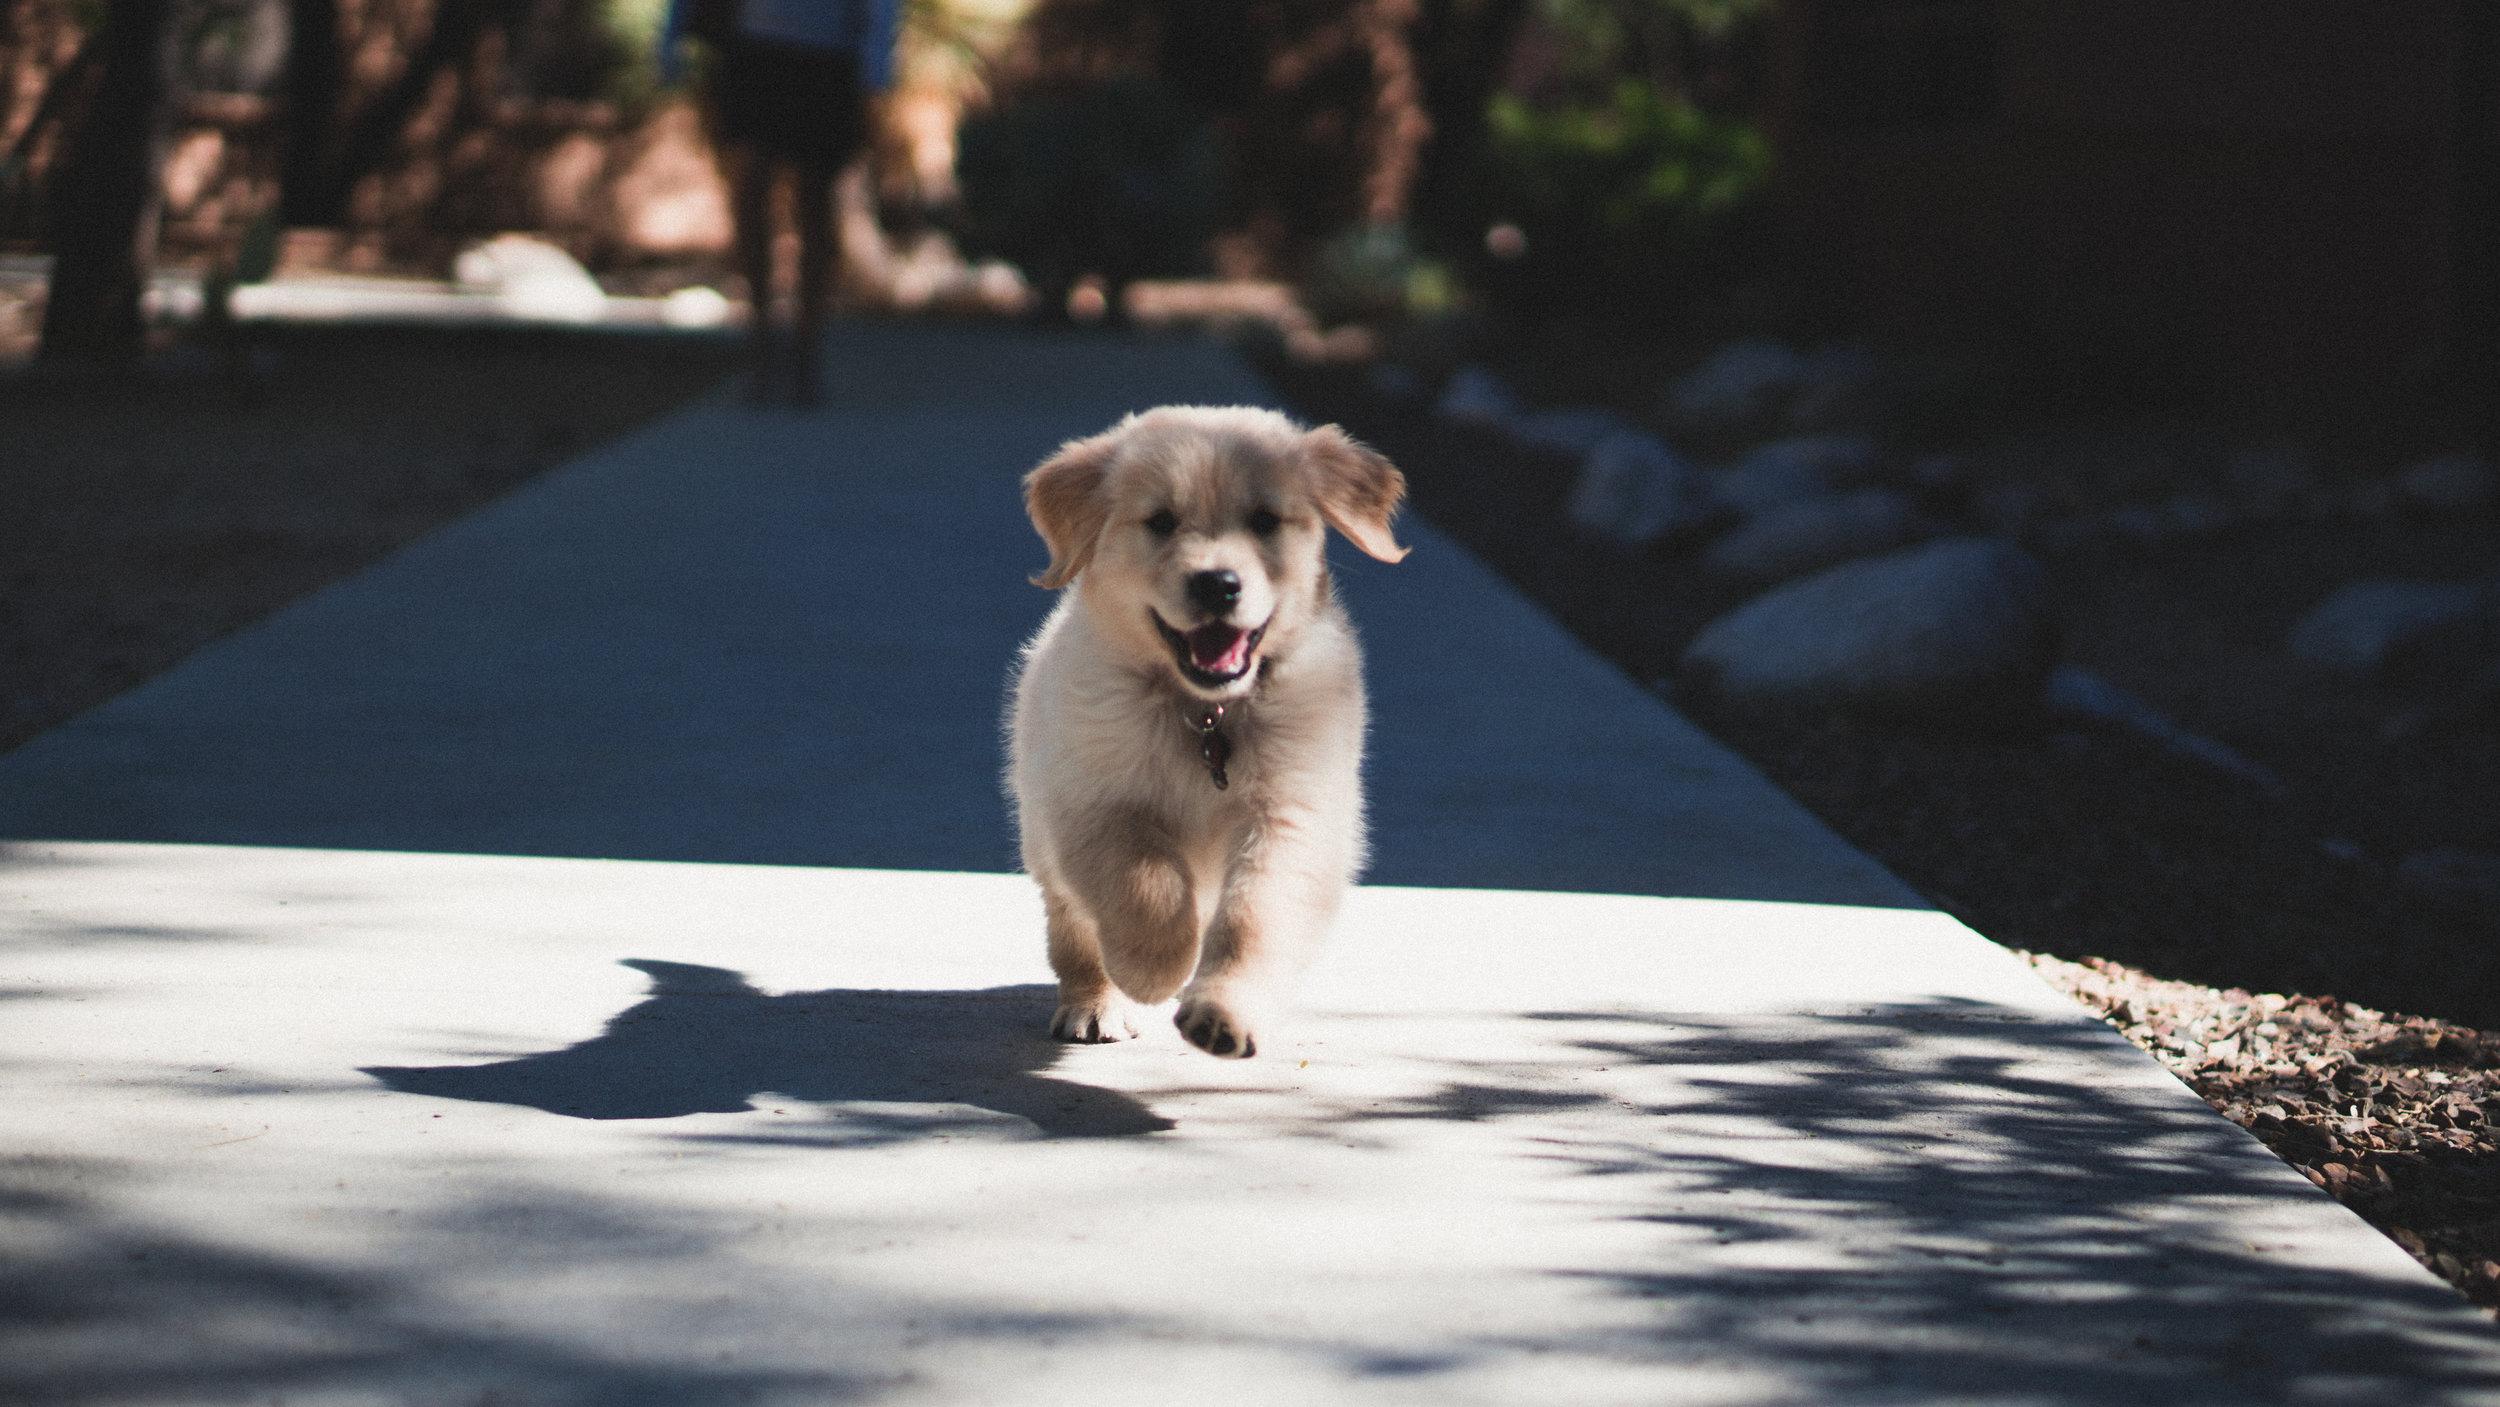 Ei riitä, että koiralle opettaa taidot pentuna. Taitoja on pidettävä yllä koko koiran eliniän ajan.